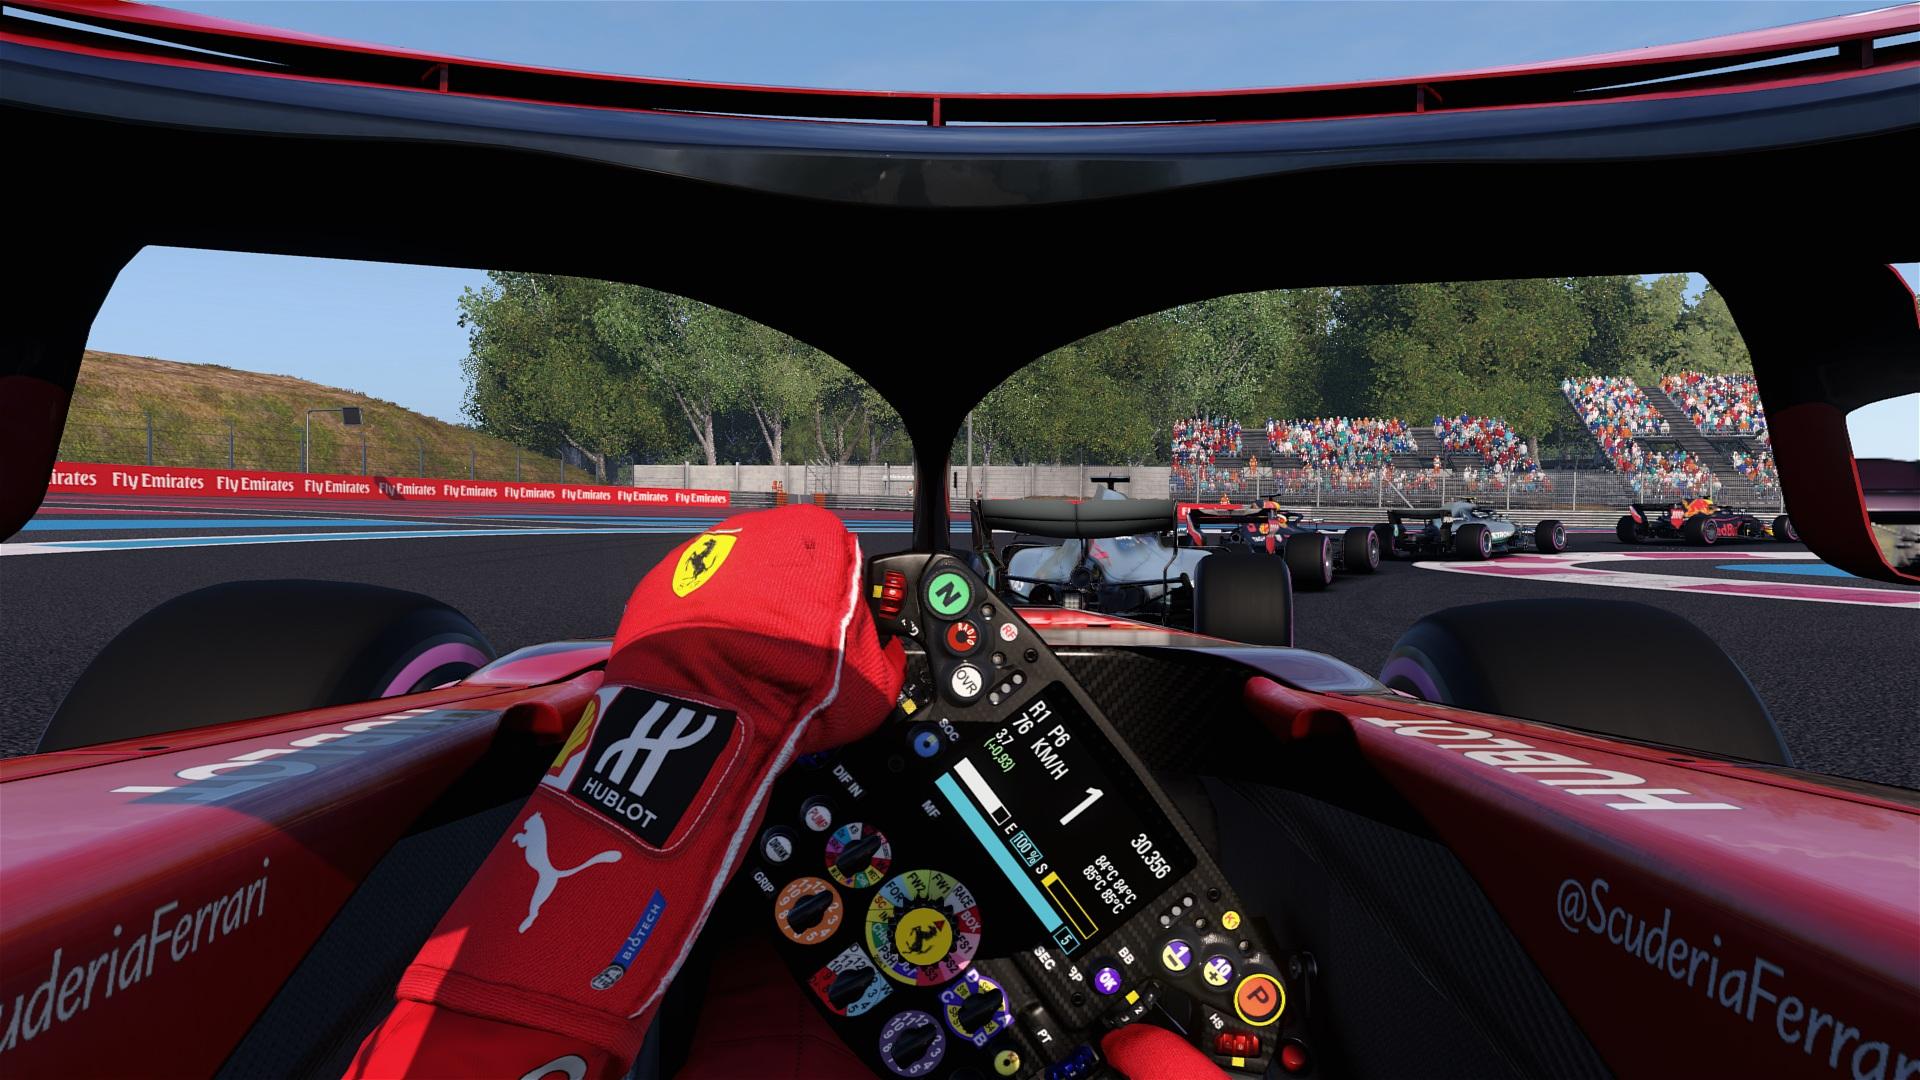 Auch in F1 2018 ist der Halo vertreten und schränkt die Sicht etwas ein.